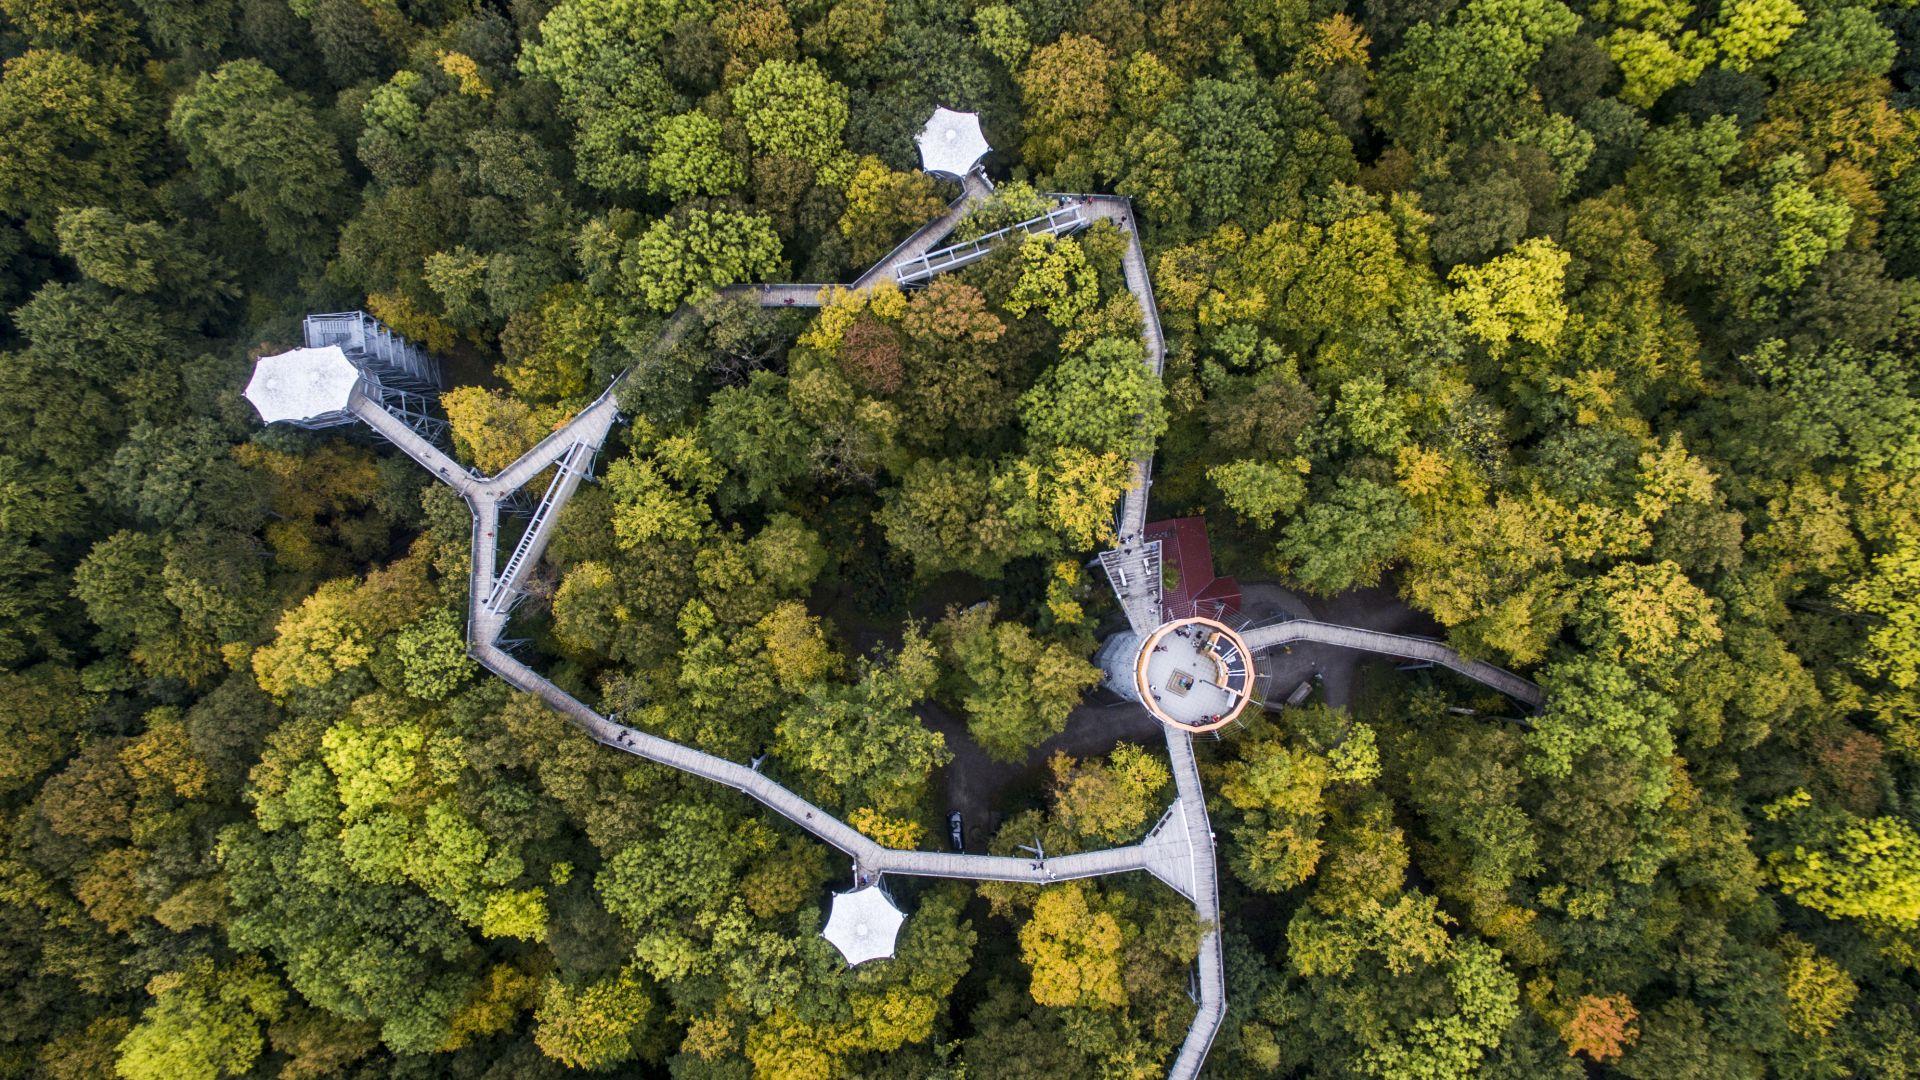 Schönstedt: Treetop path in the national park hainich,, Thüringer Tourismus GmbH